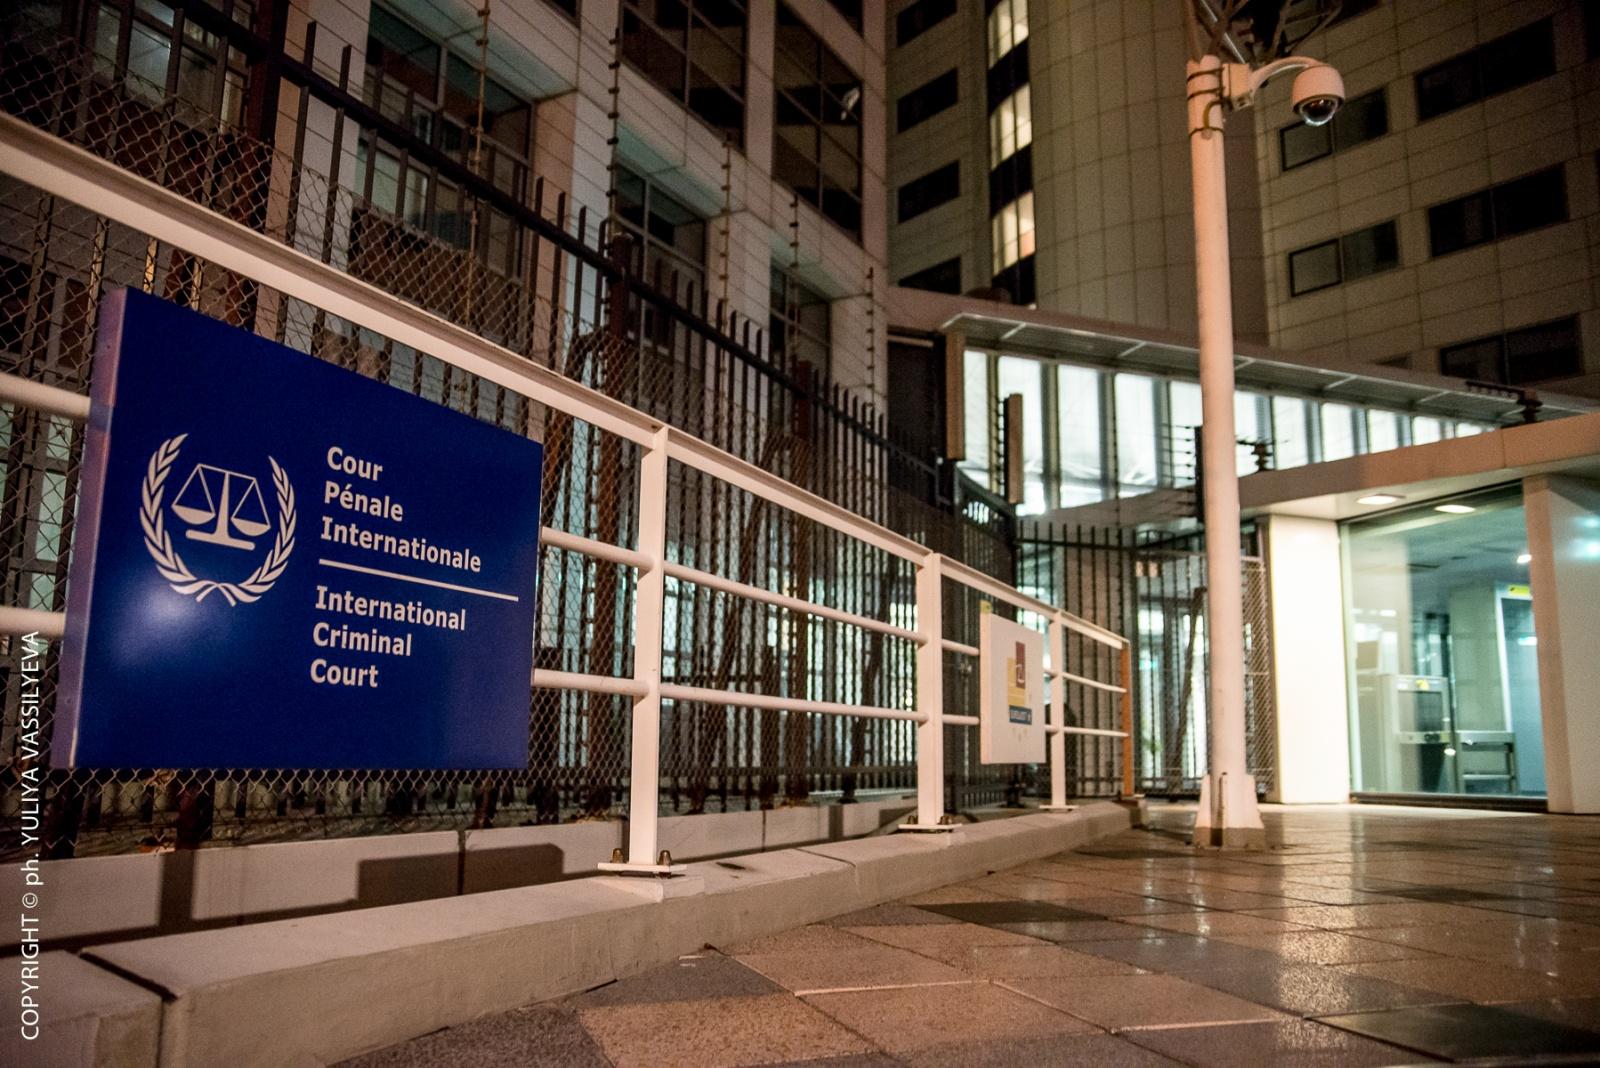 Corte Penale Internazionale, L'Aia